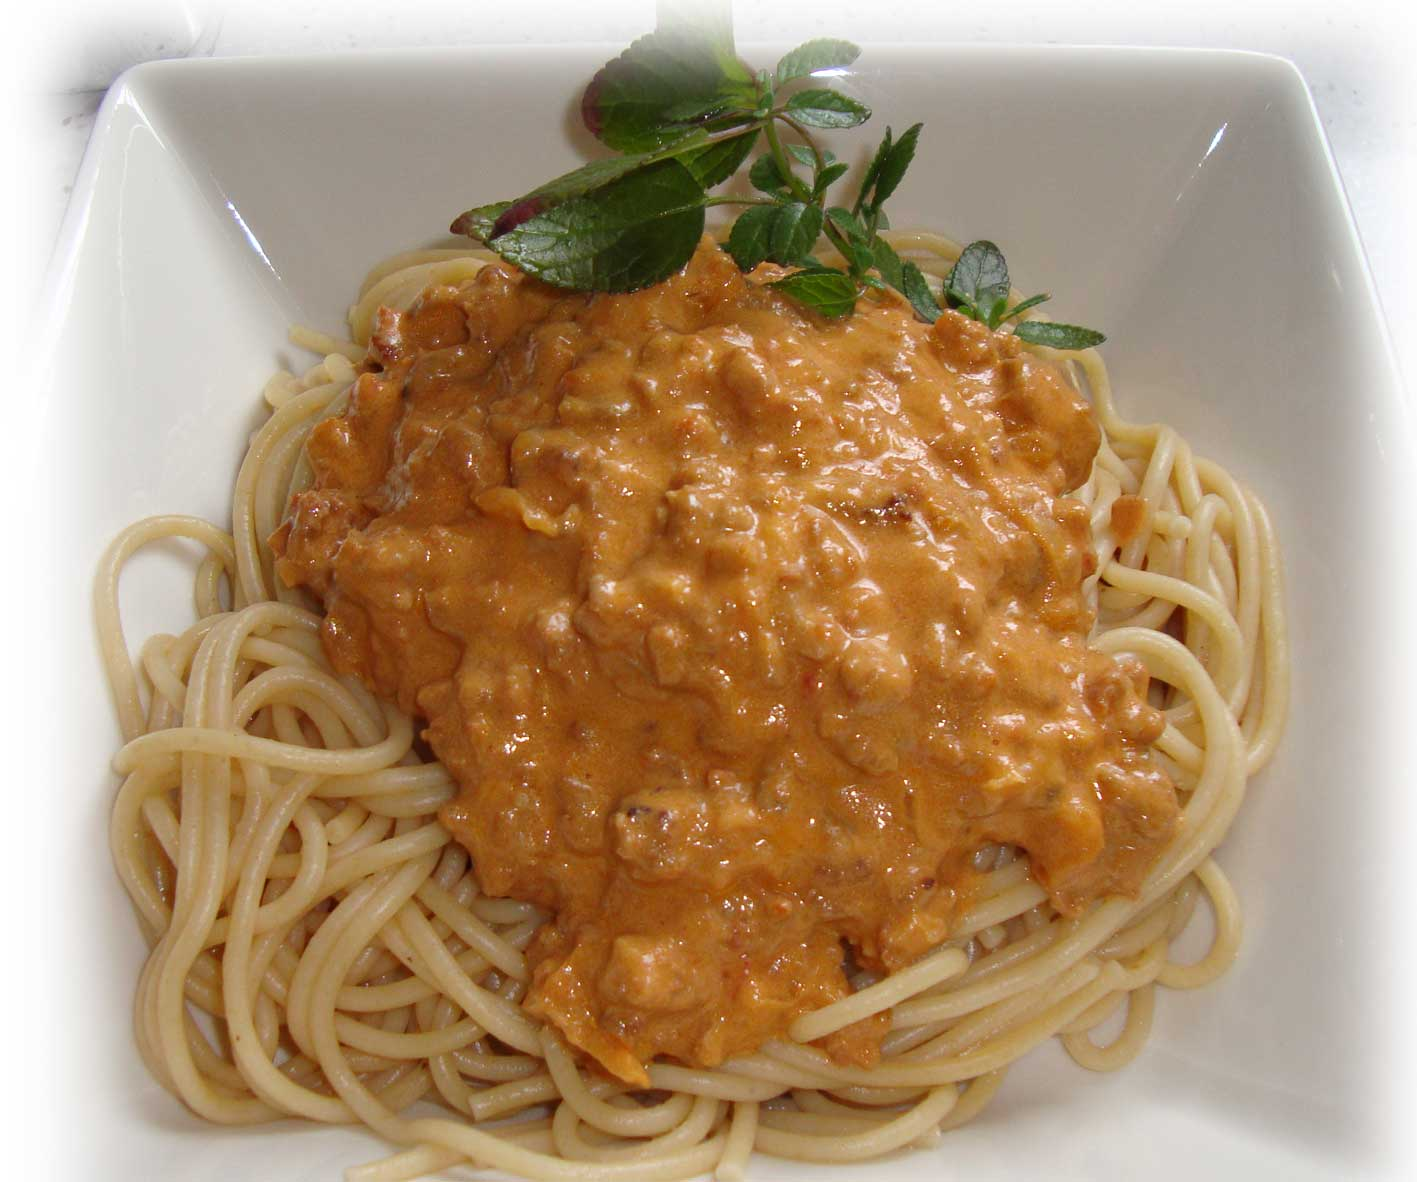 Recetas f ciles y r pidas espaguetis integrales con salsa - Salsa de tomate y nata ...